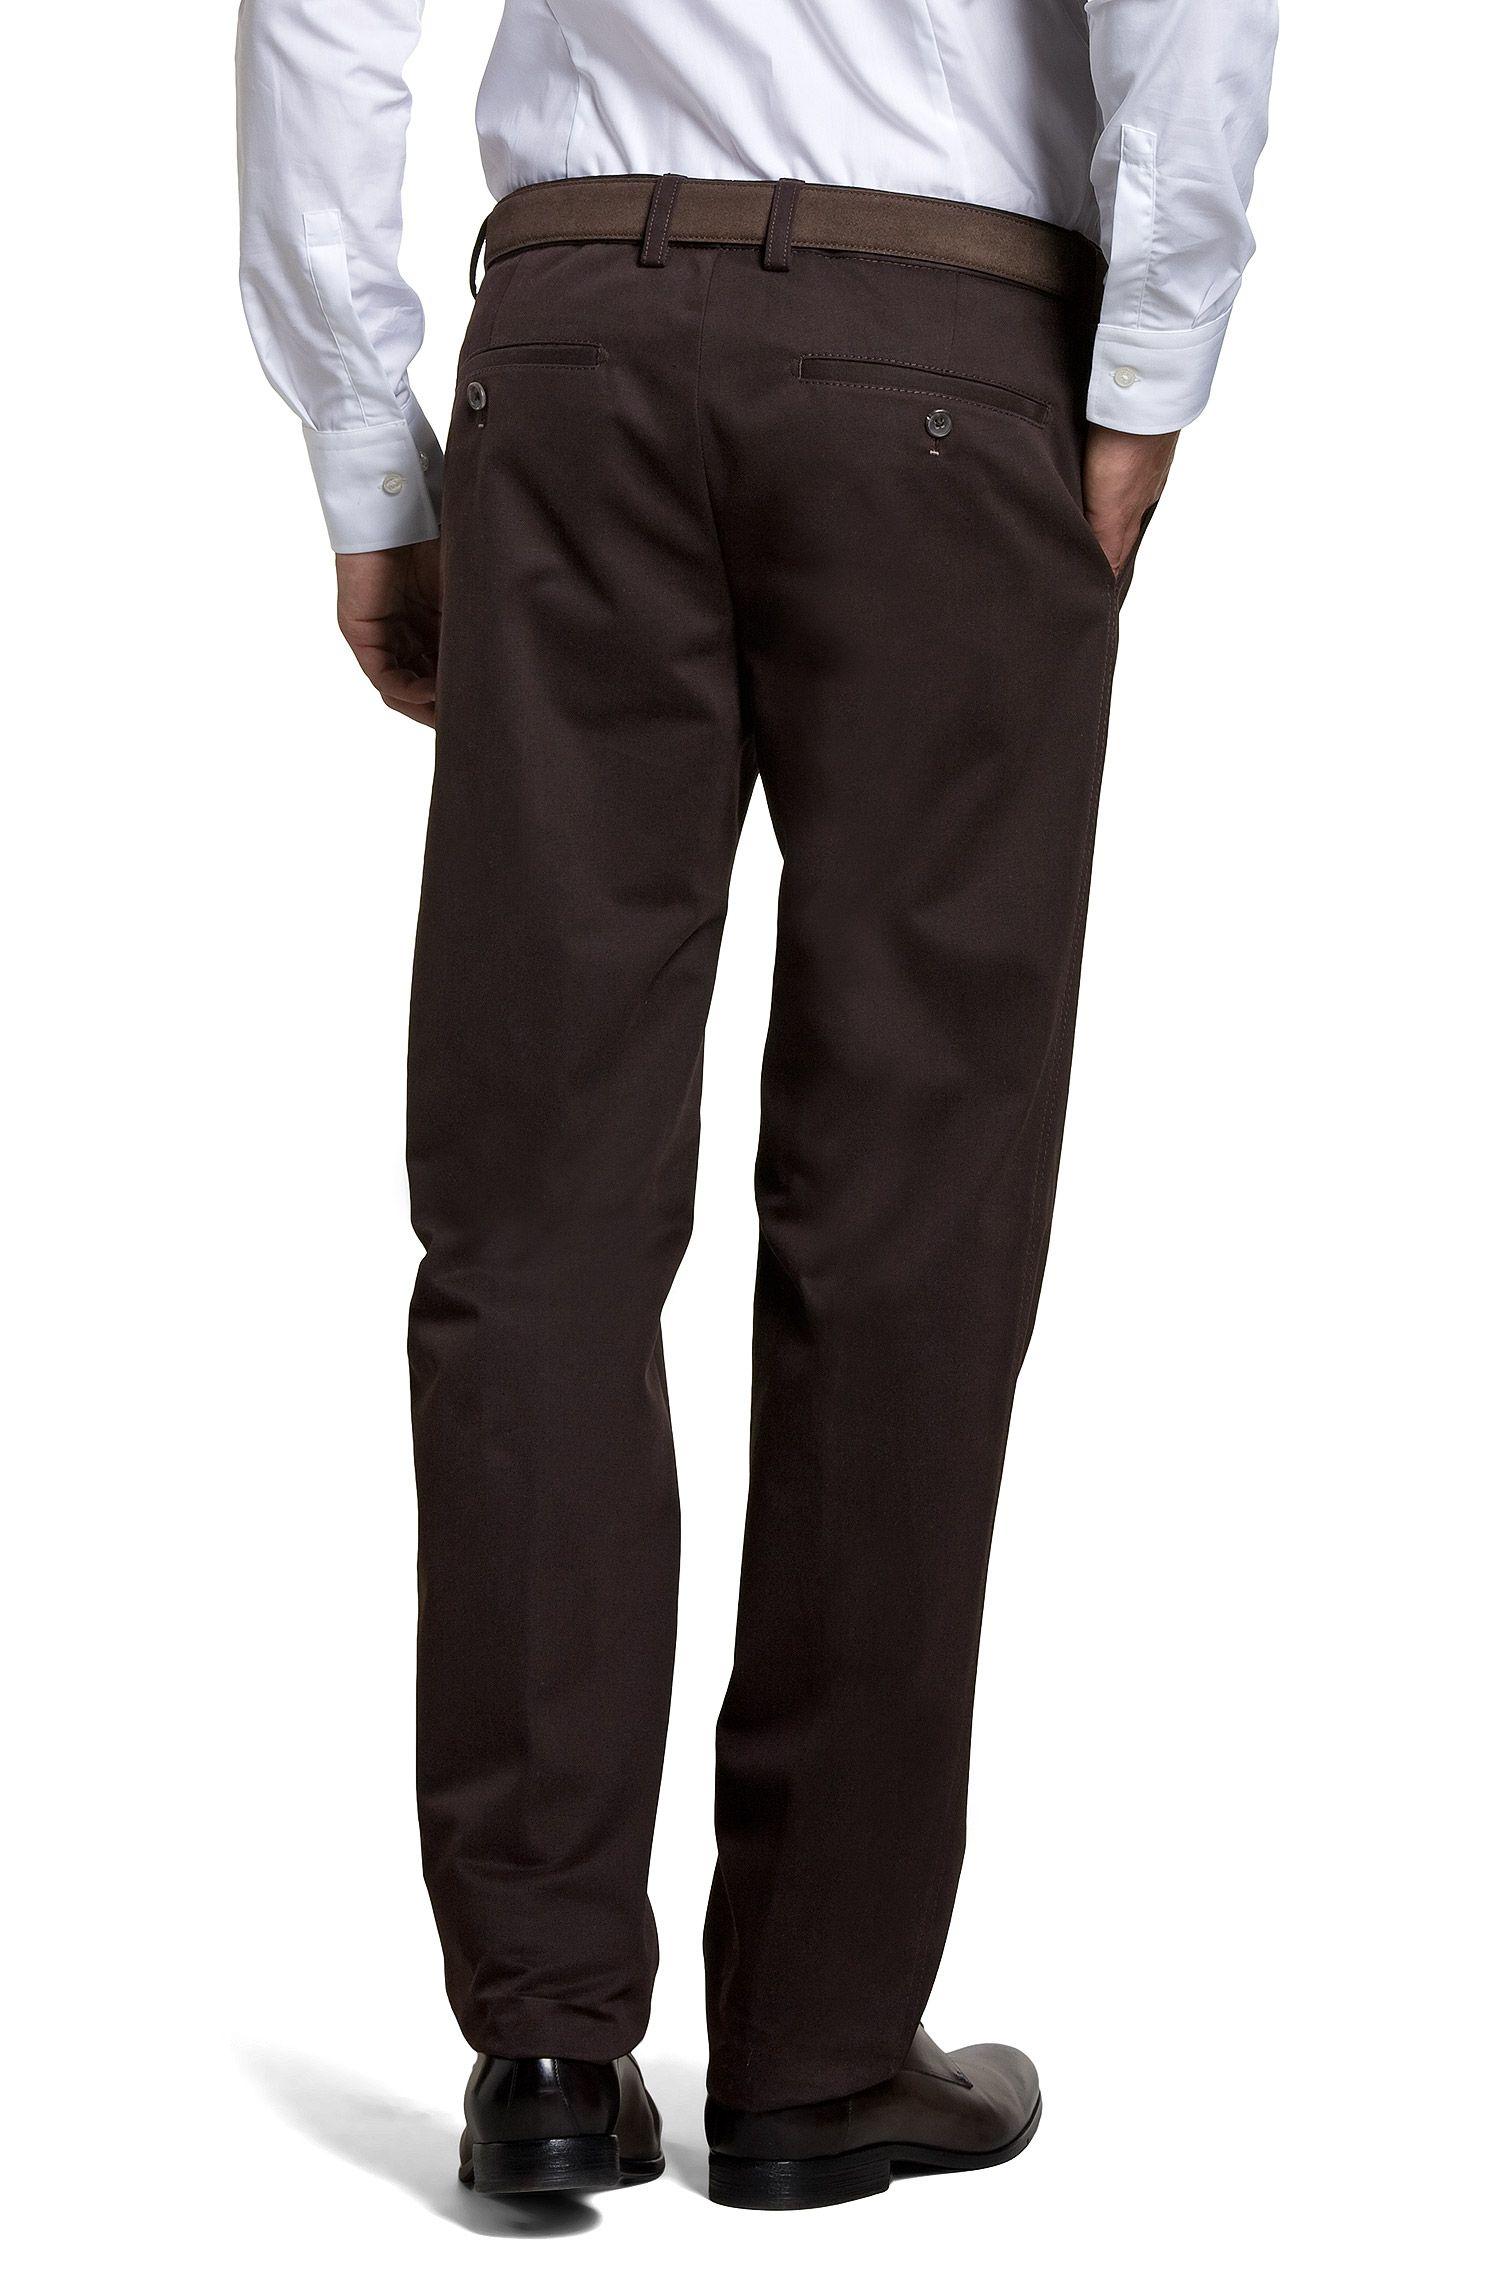 Pantalon casual style chino, Snider